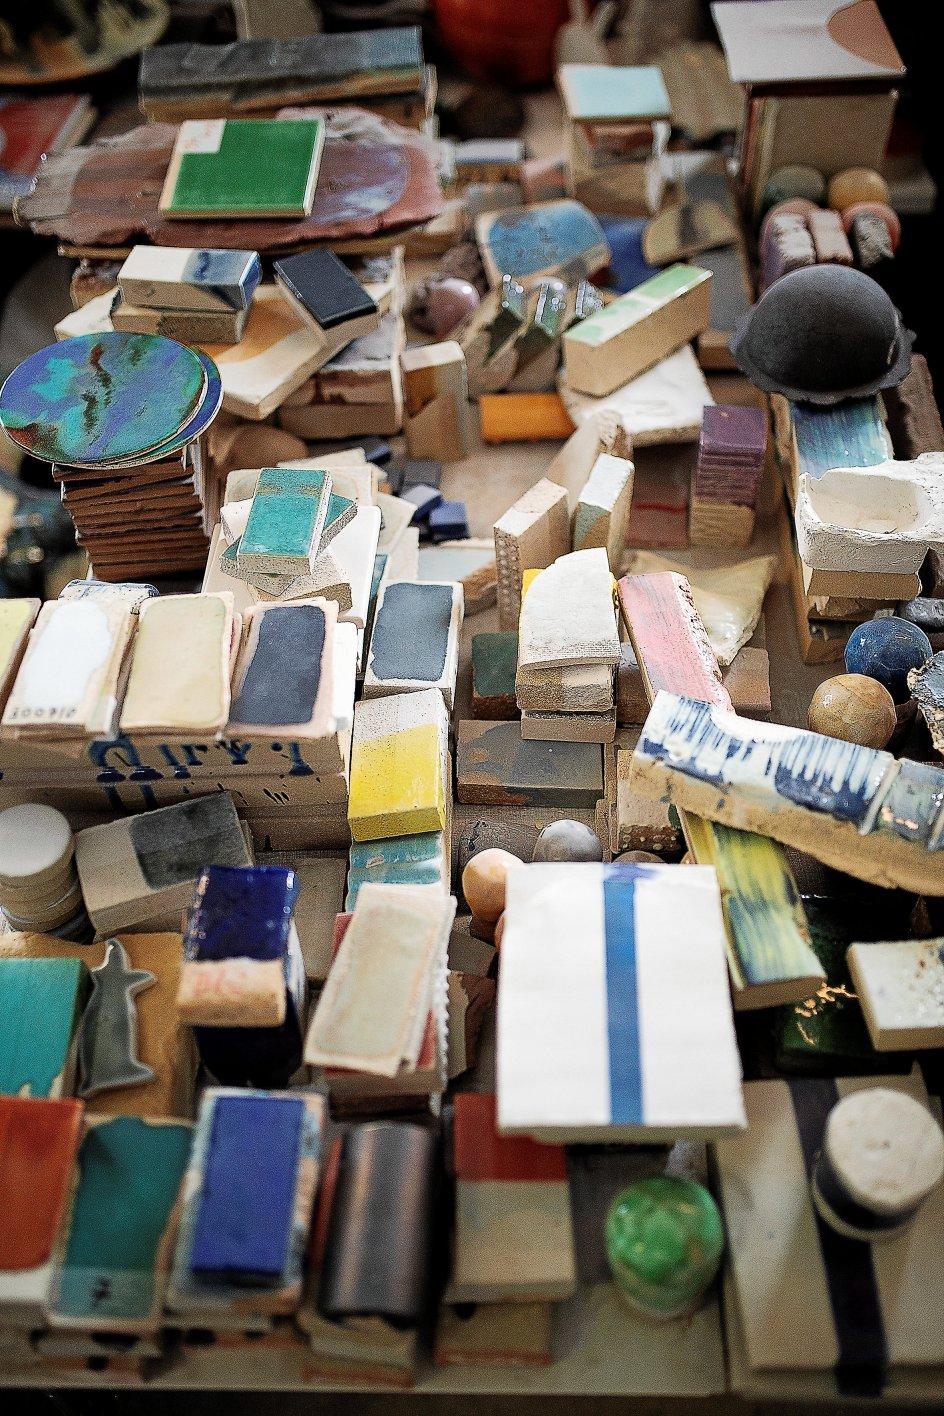 I Gunhild Rudjords glasurværksted afprøver hun forskellige former for glasur og begitning (mat lermaling) på forskellige overflader, så det matcher kunstnernes forestilling om det værk, de vil skabe.